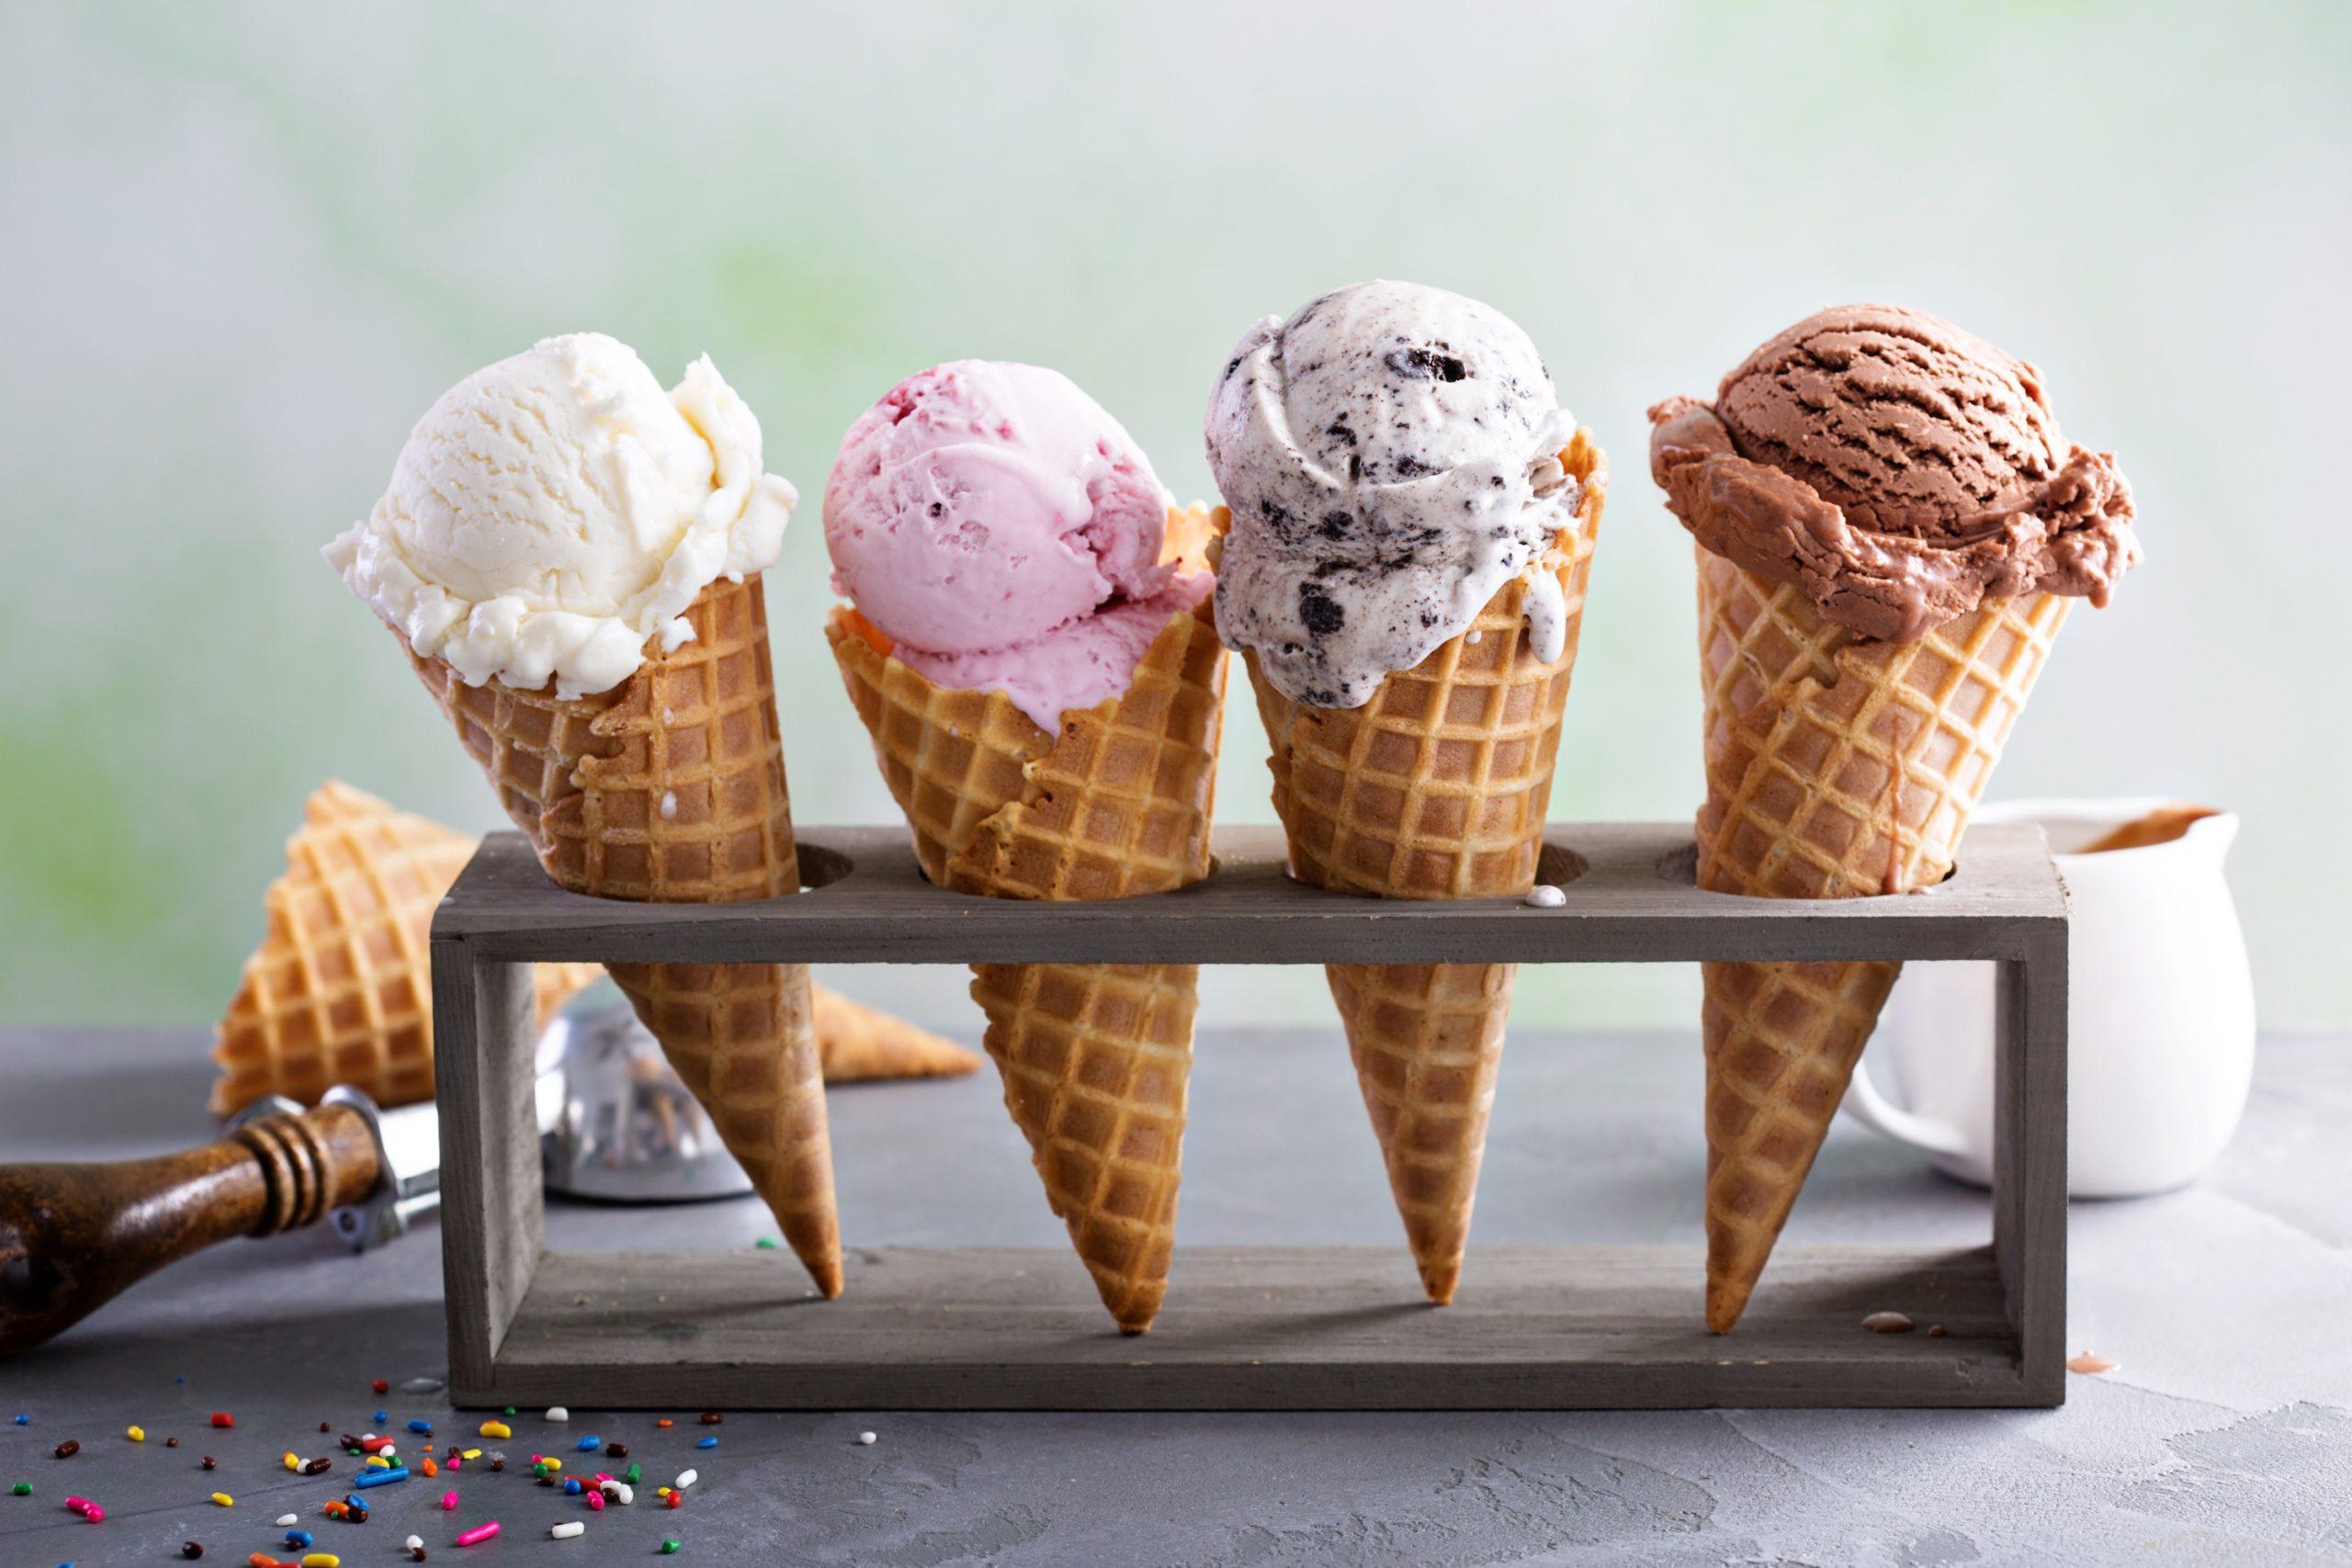 Як вибрати «правильне» морозиво?